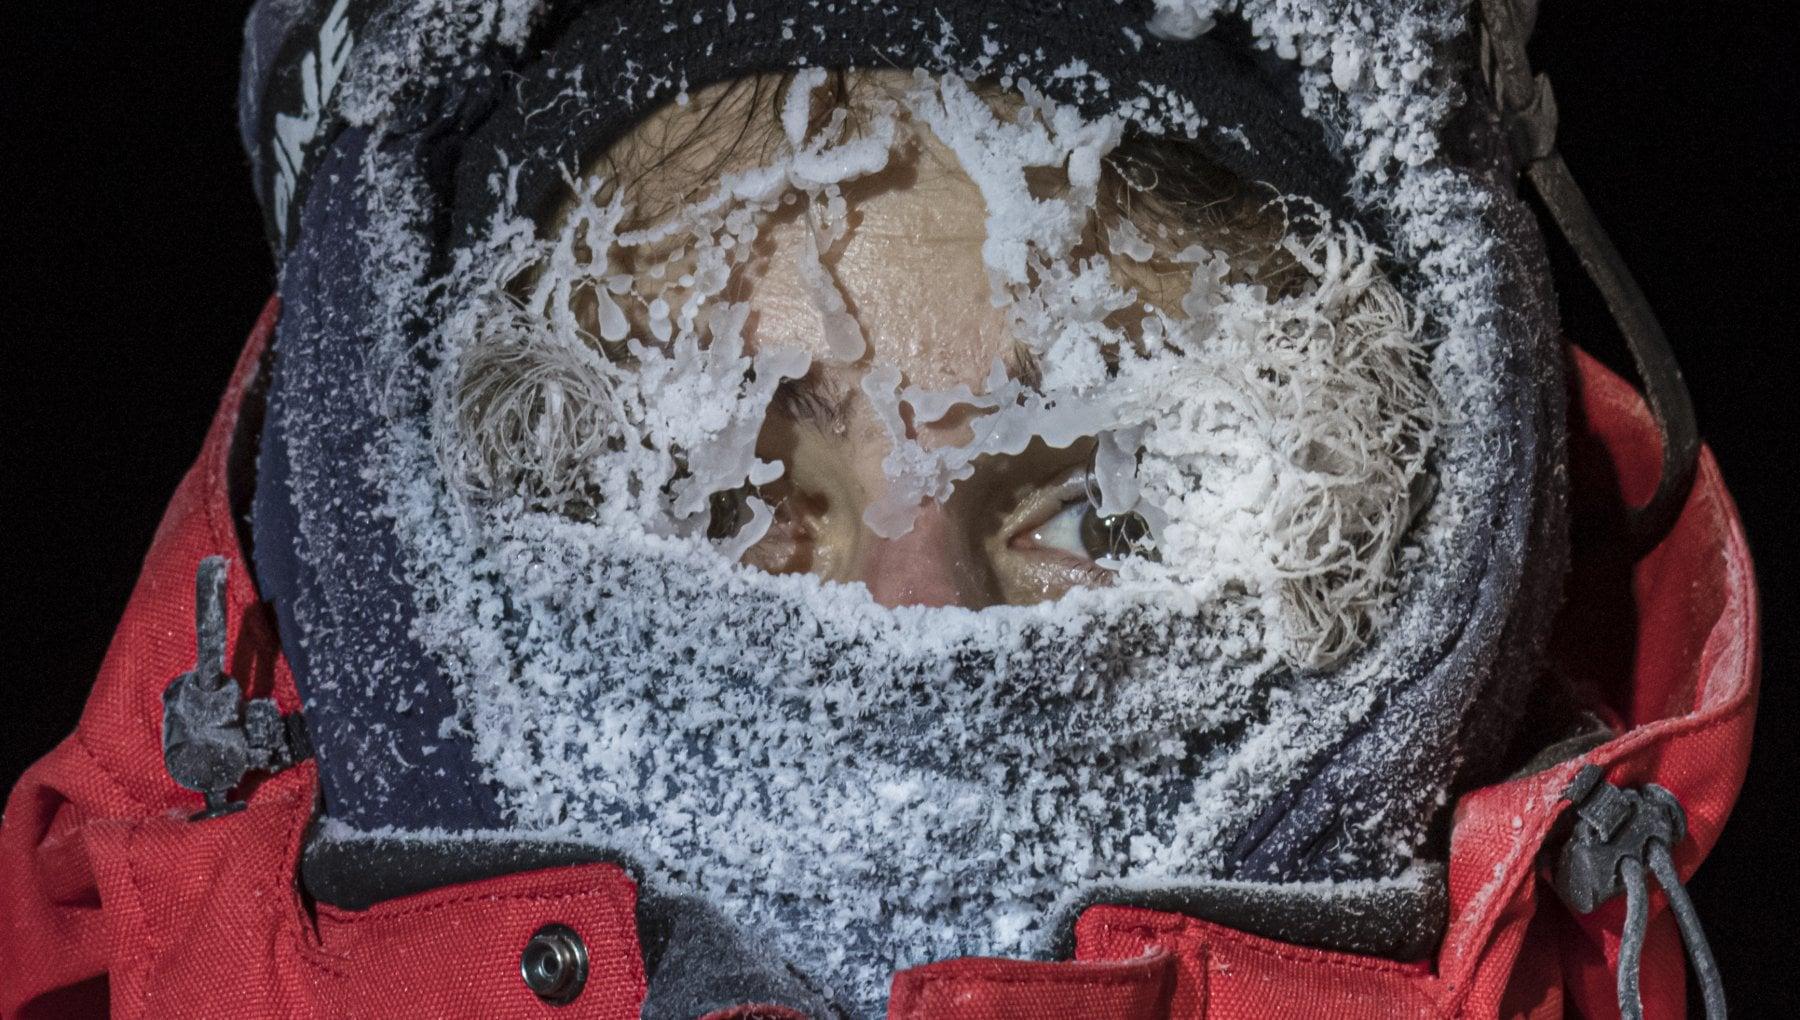 Litaliana che studia i segreti del ghiaccio. A 30° tutto gela allistante ma il Pianeta sta cambiando